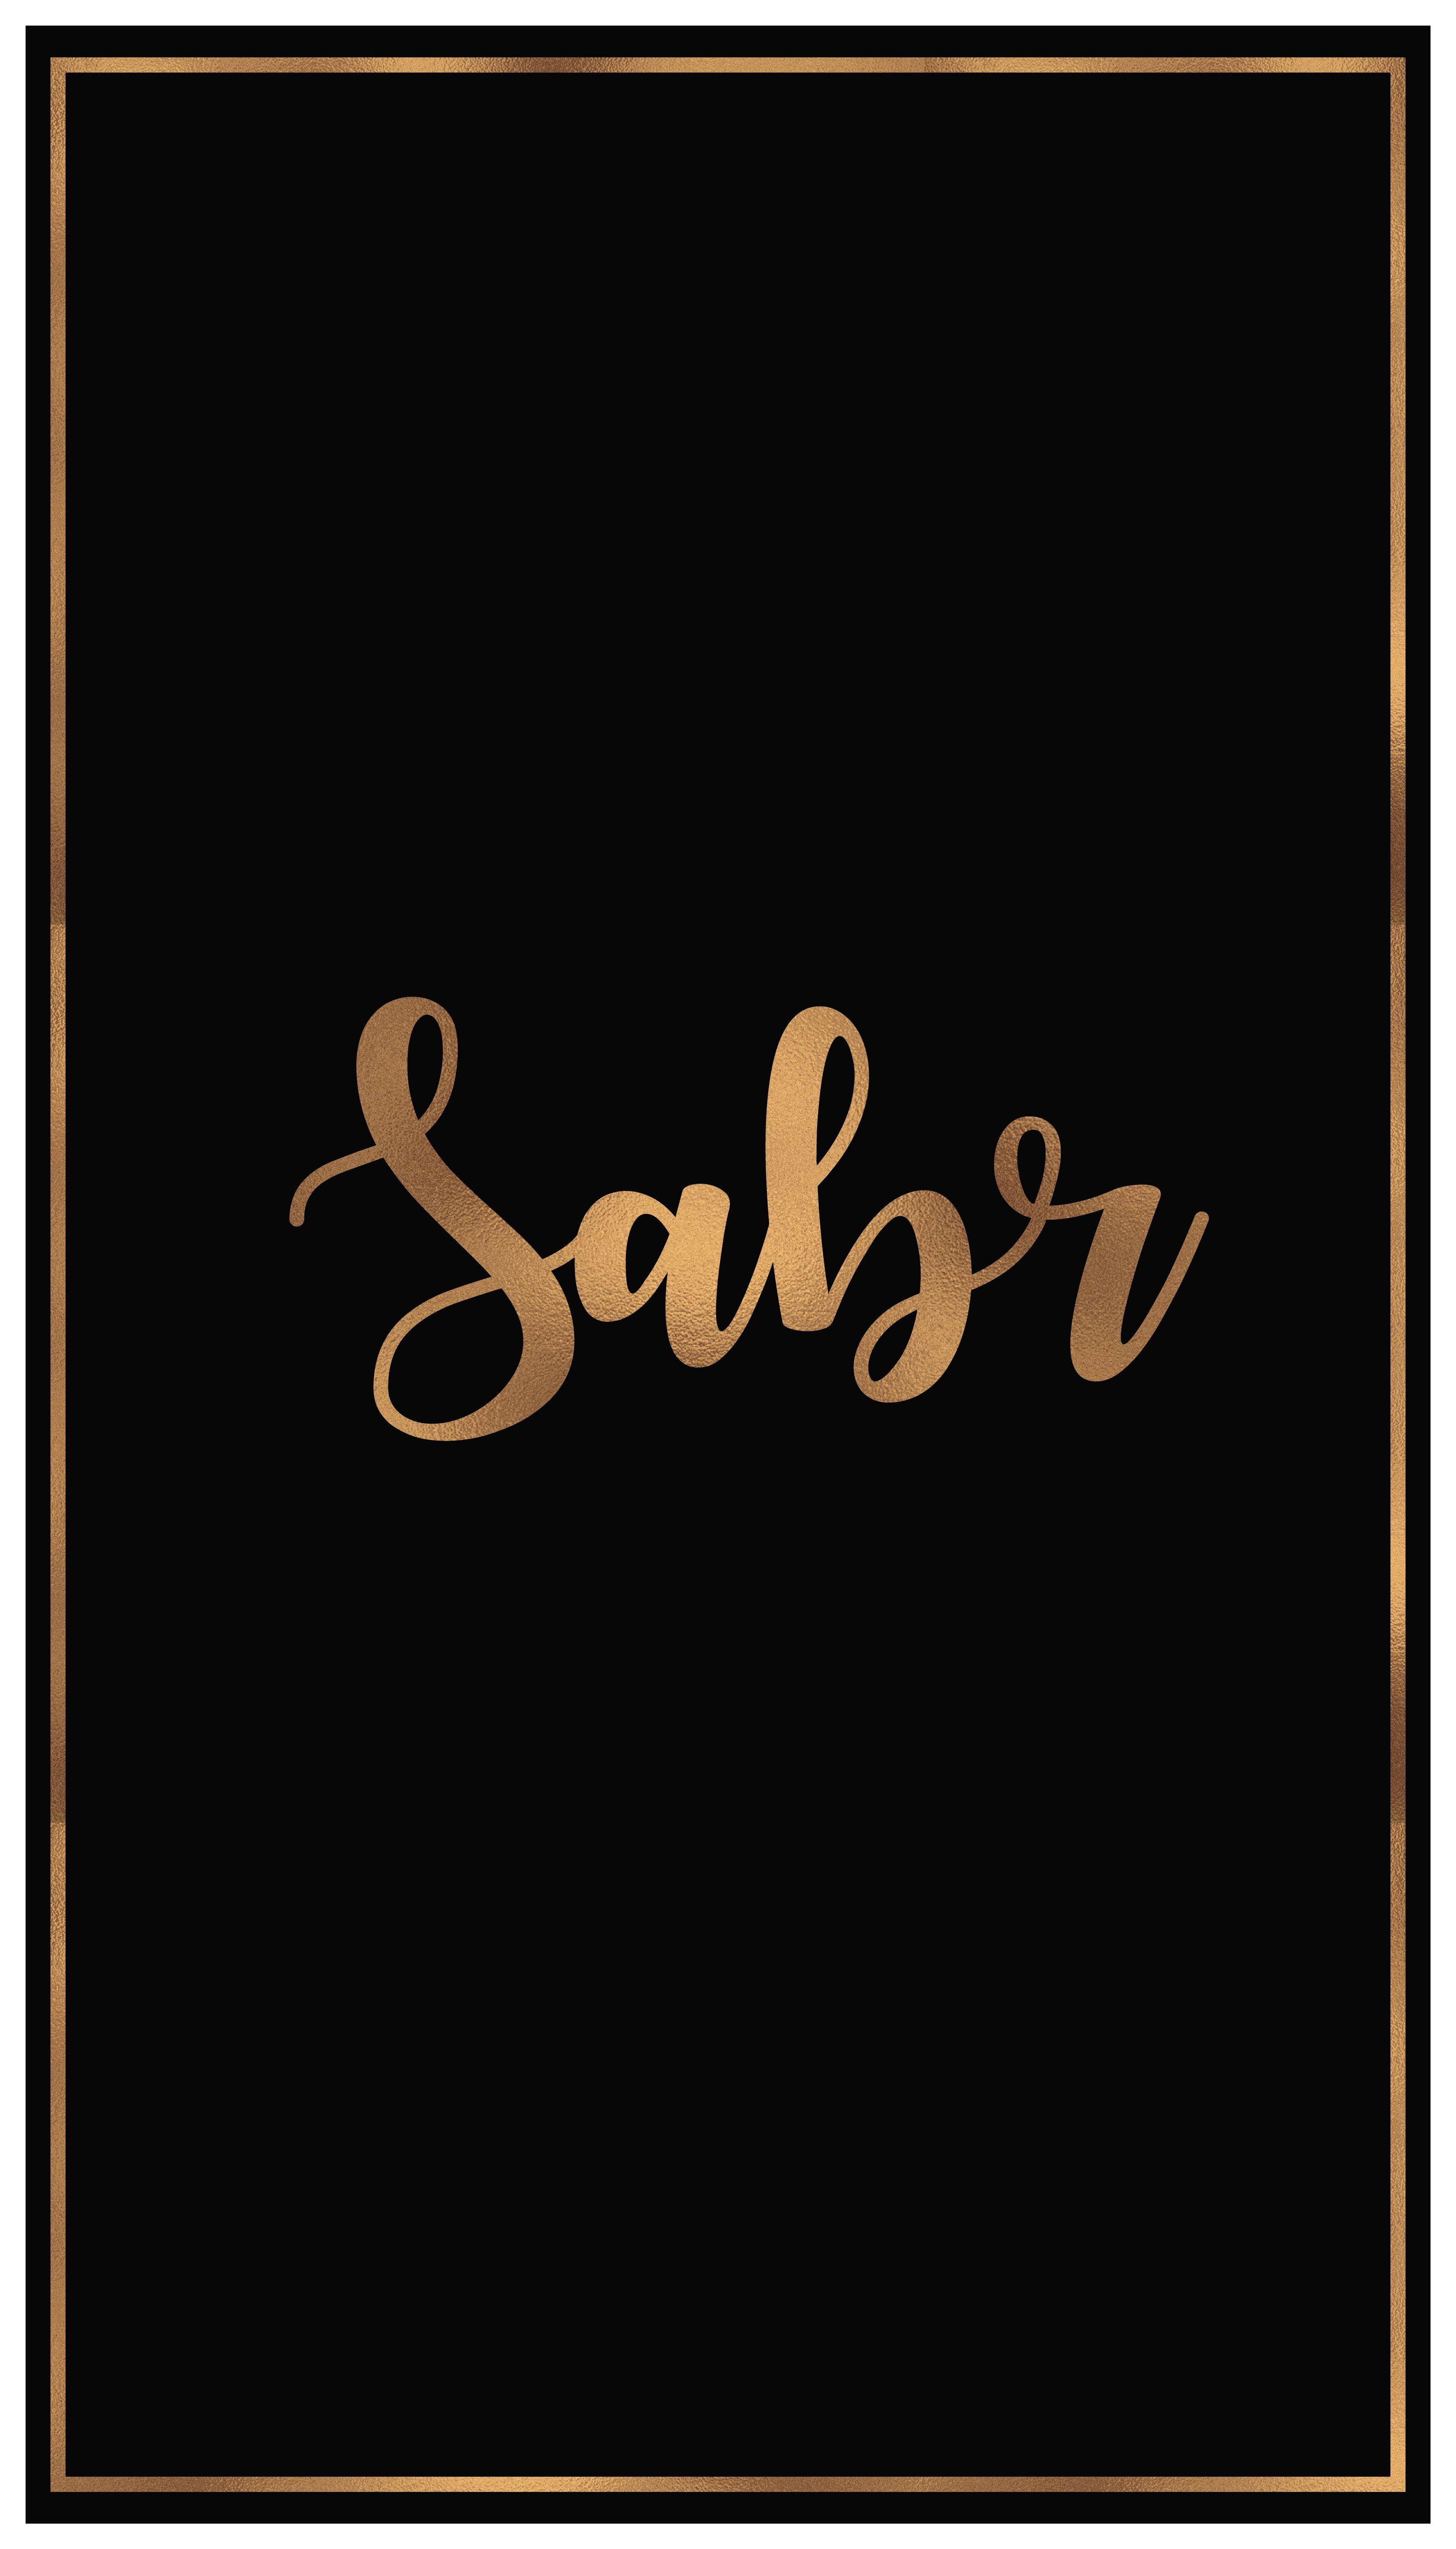 Sabr Iphone Wallpaper Hd Kutipan Wallpaper Seni Islamis Seni